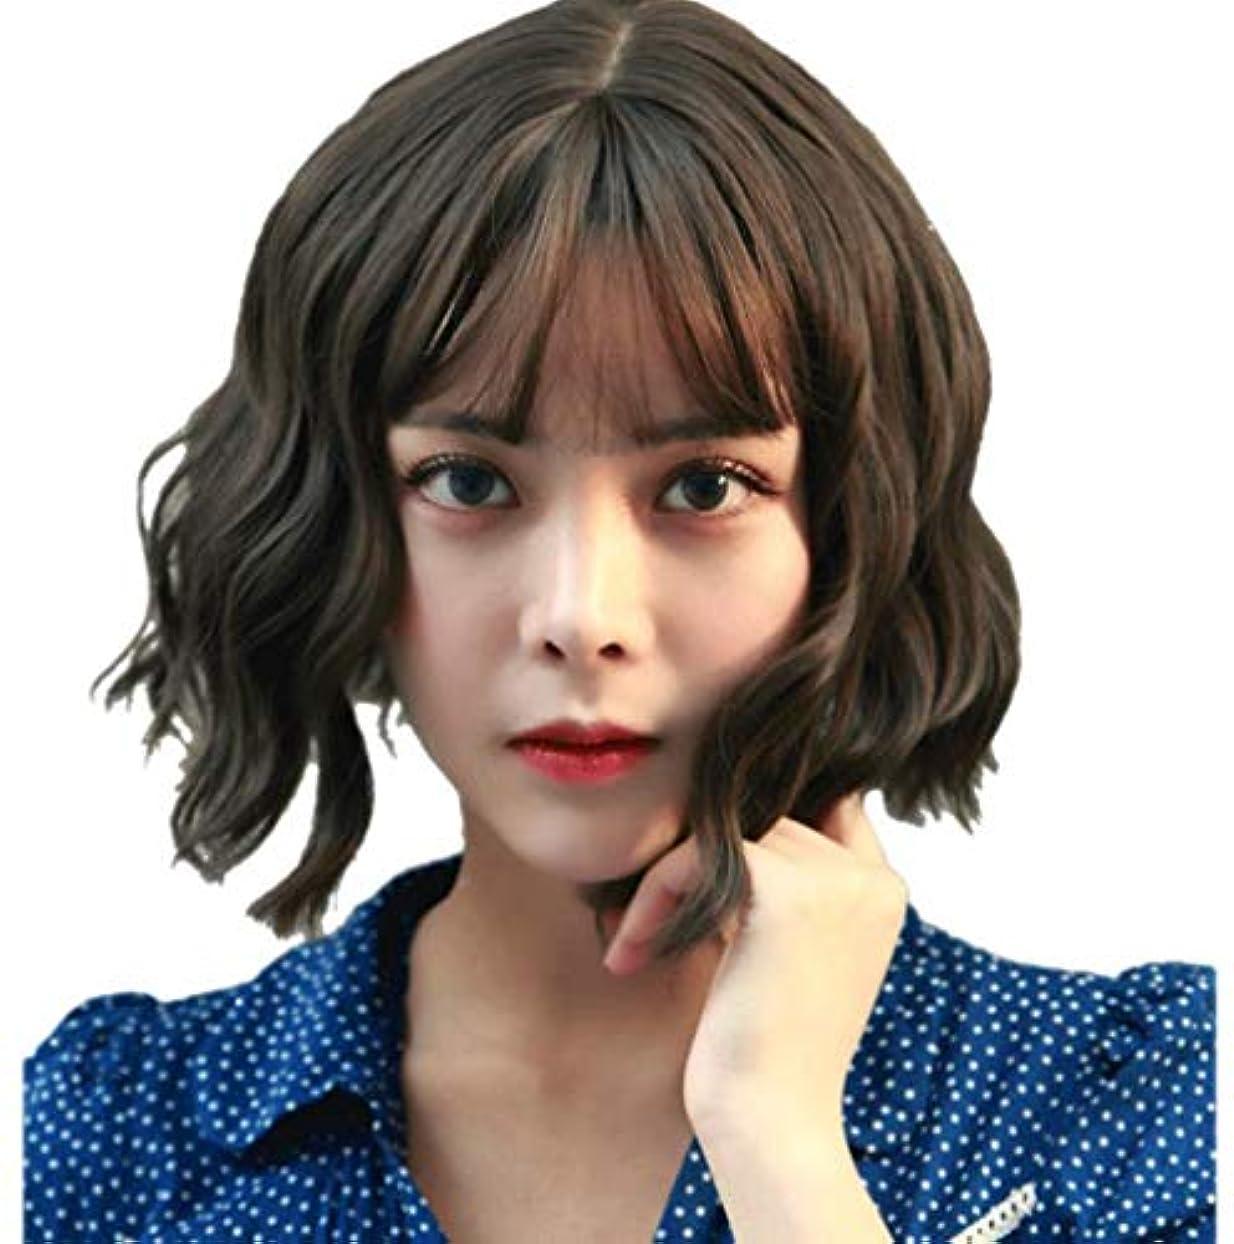 倫理絶対の性能ウィッグ女性のショートヘアショートカーリーヘアコーンホットウェーブヘッドバブルフェイスカーリングヘッド LH2207 (コールドブラウン)